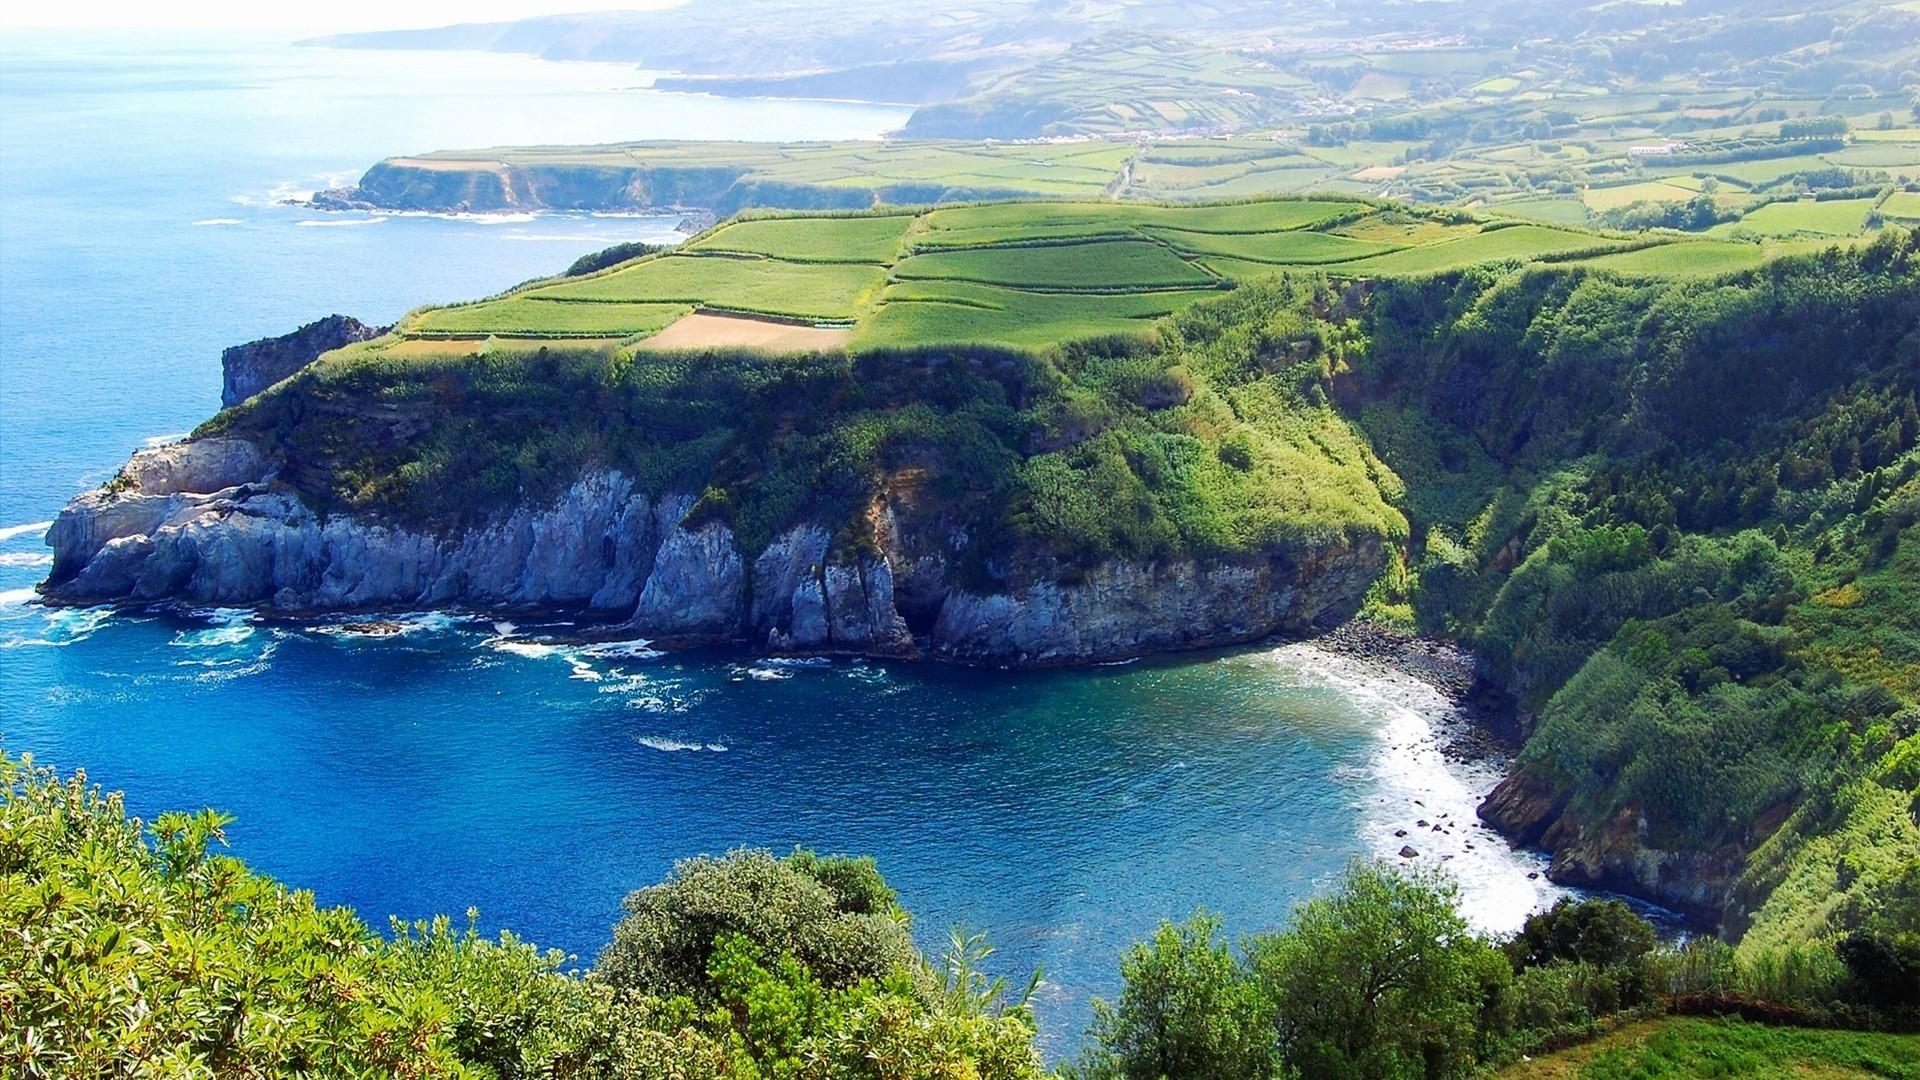 Azores Islands desktop wallpaper hd